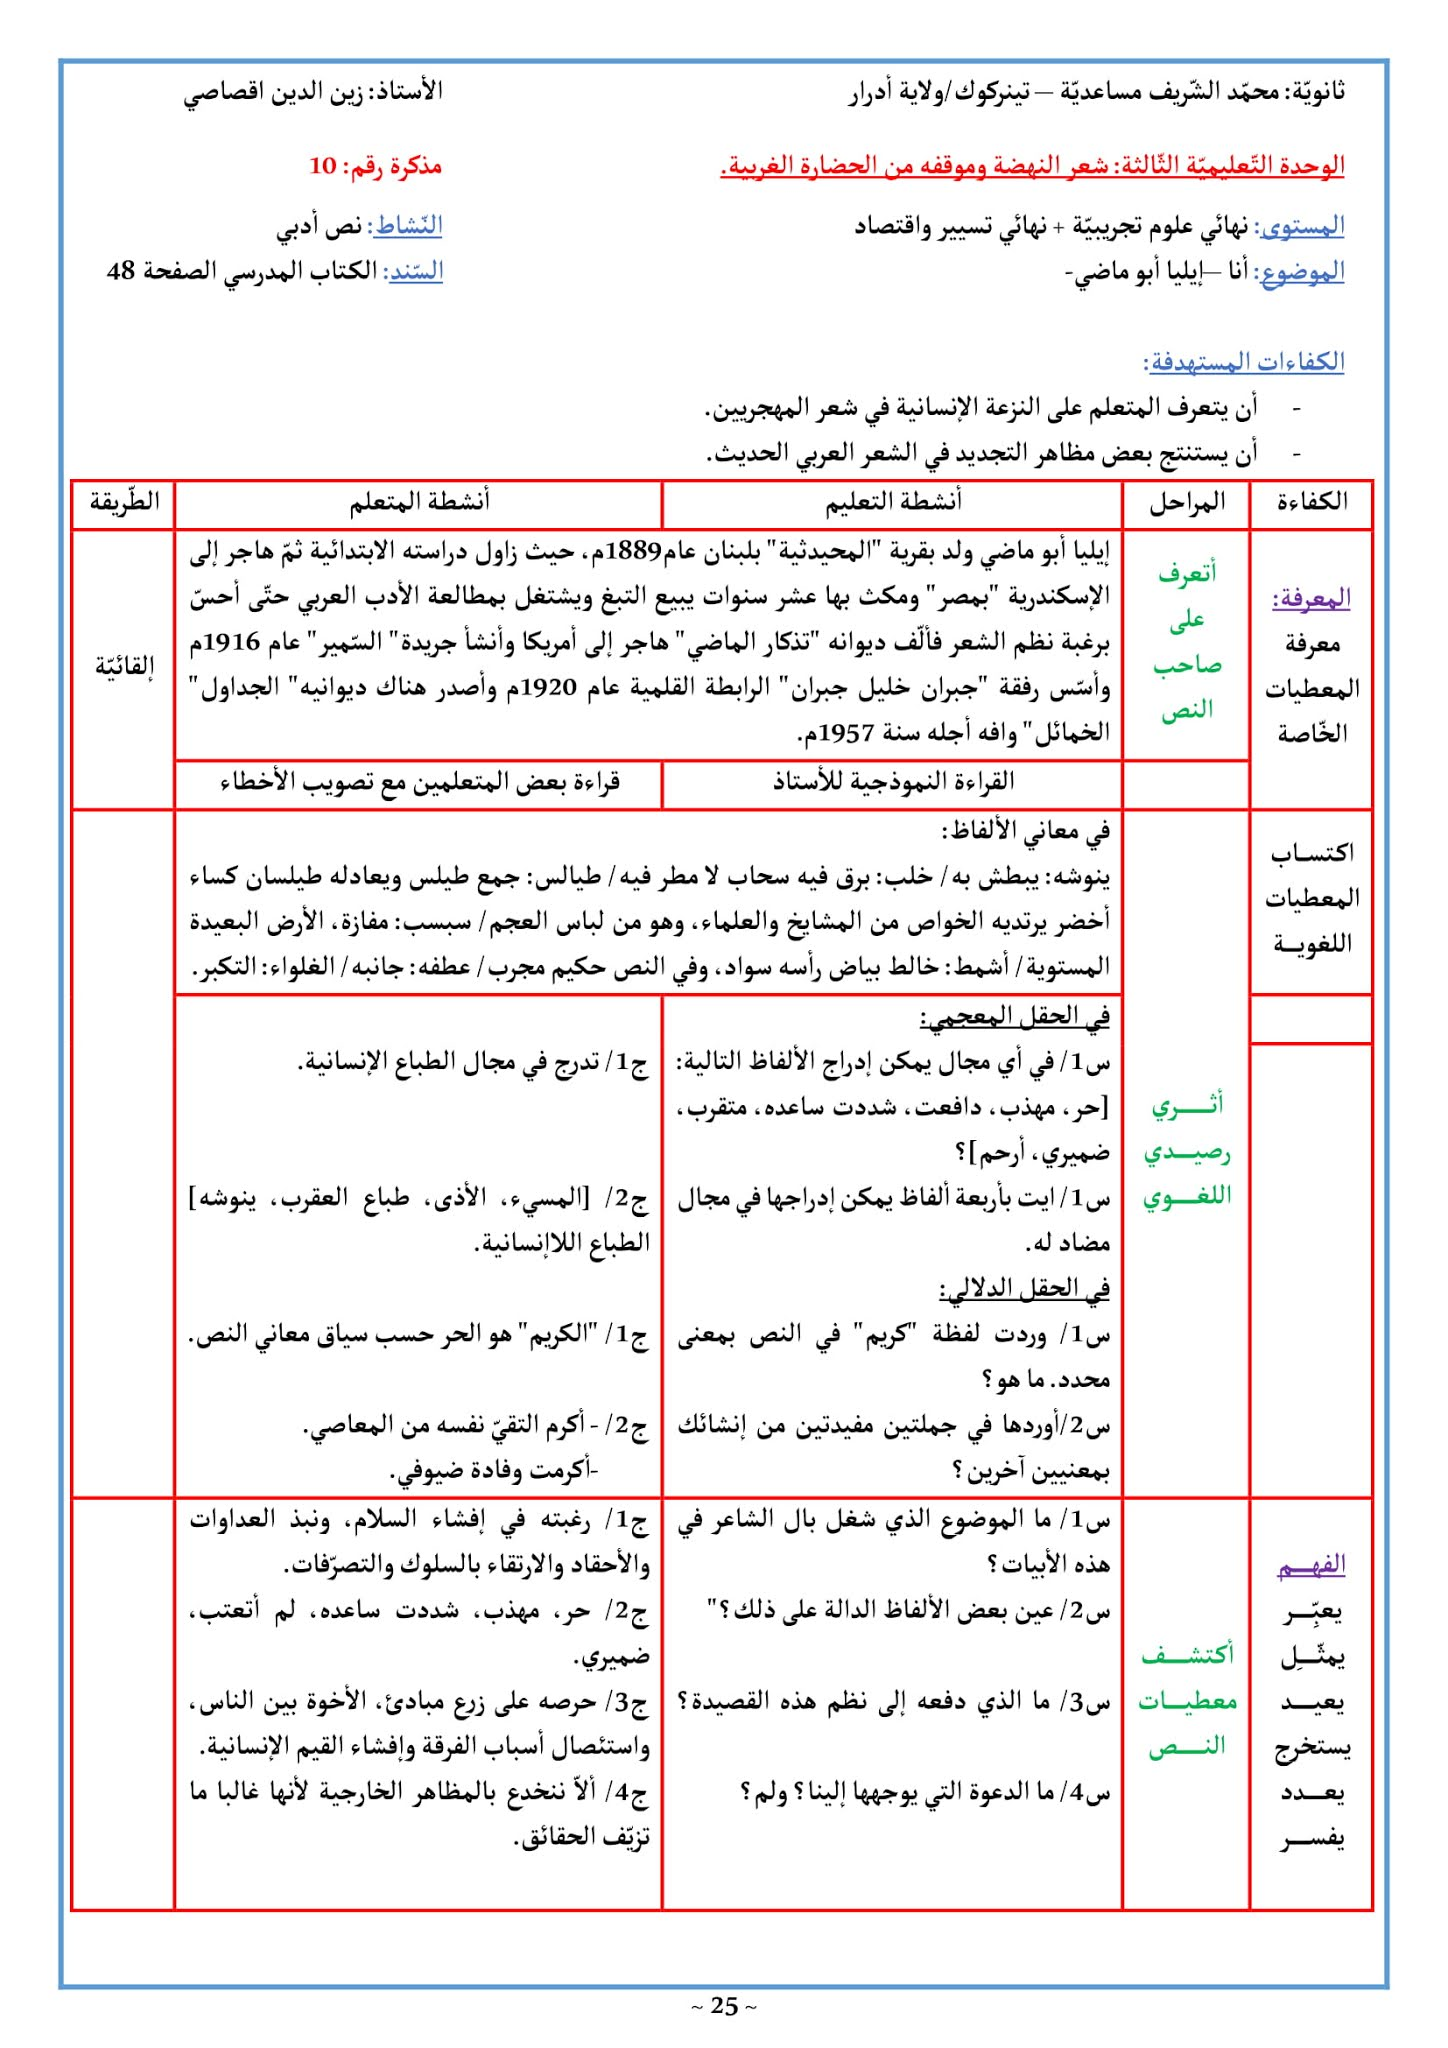 تحضير قصيدة أنا إيليا أبو ماضي 3 ثانوي علمي صفحة 48